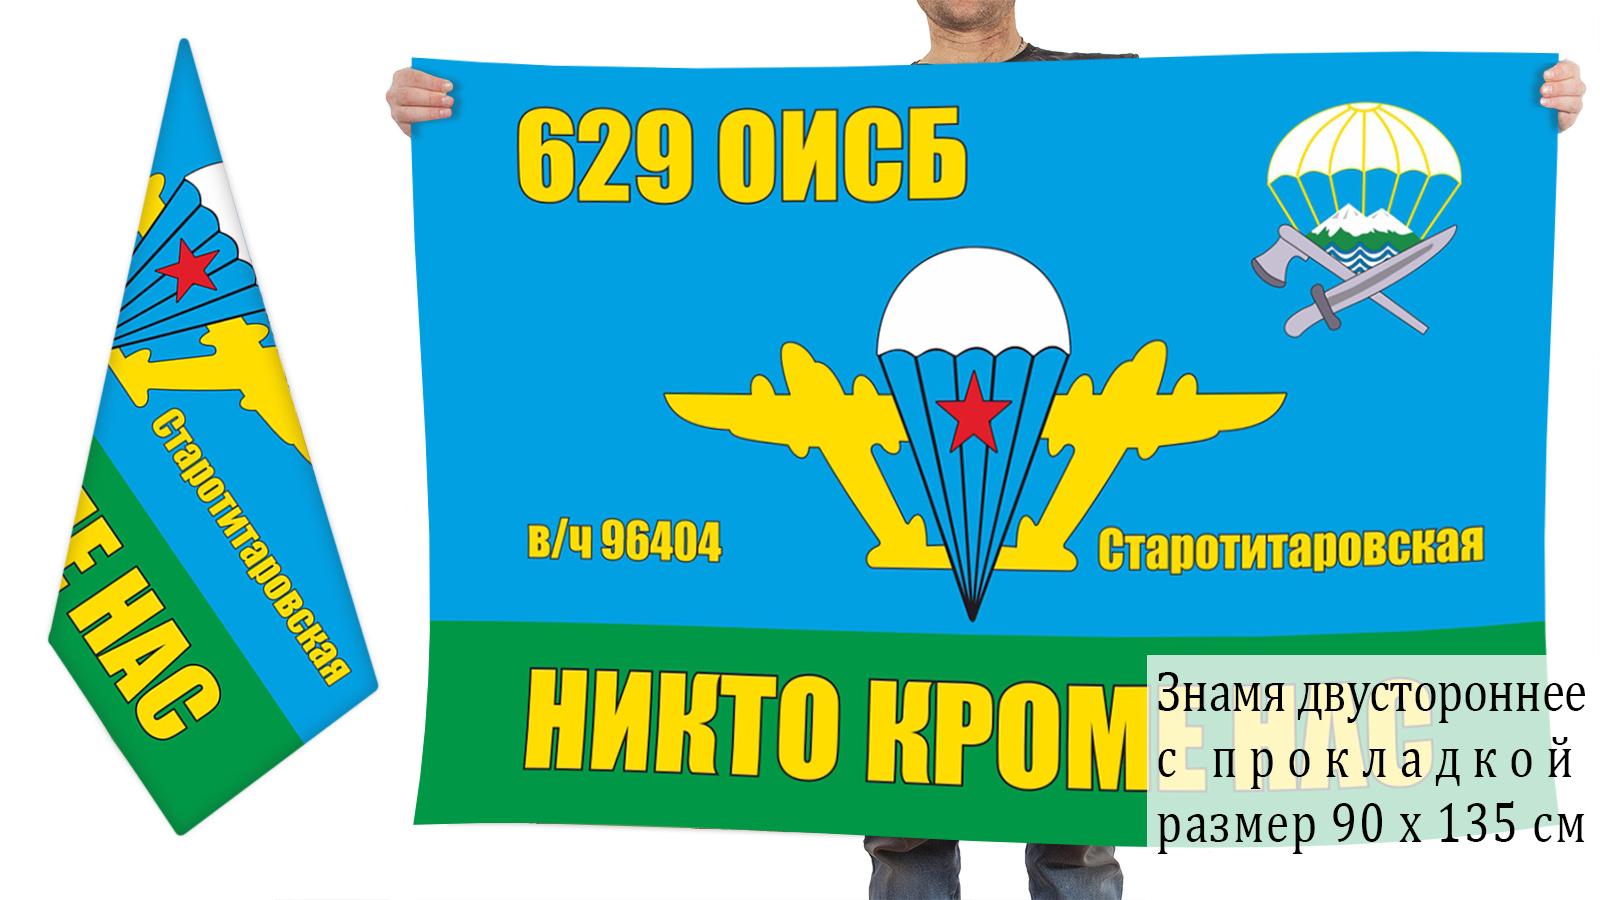 Двусторонний флаг 629 ОИСБ ВДВ